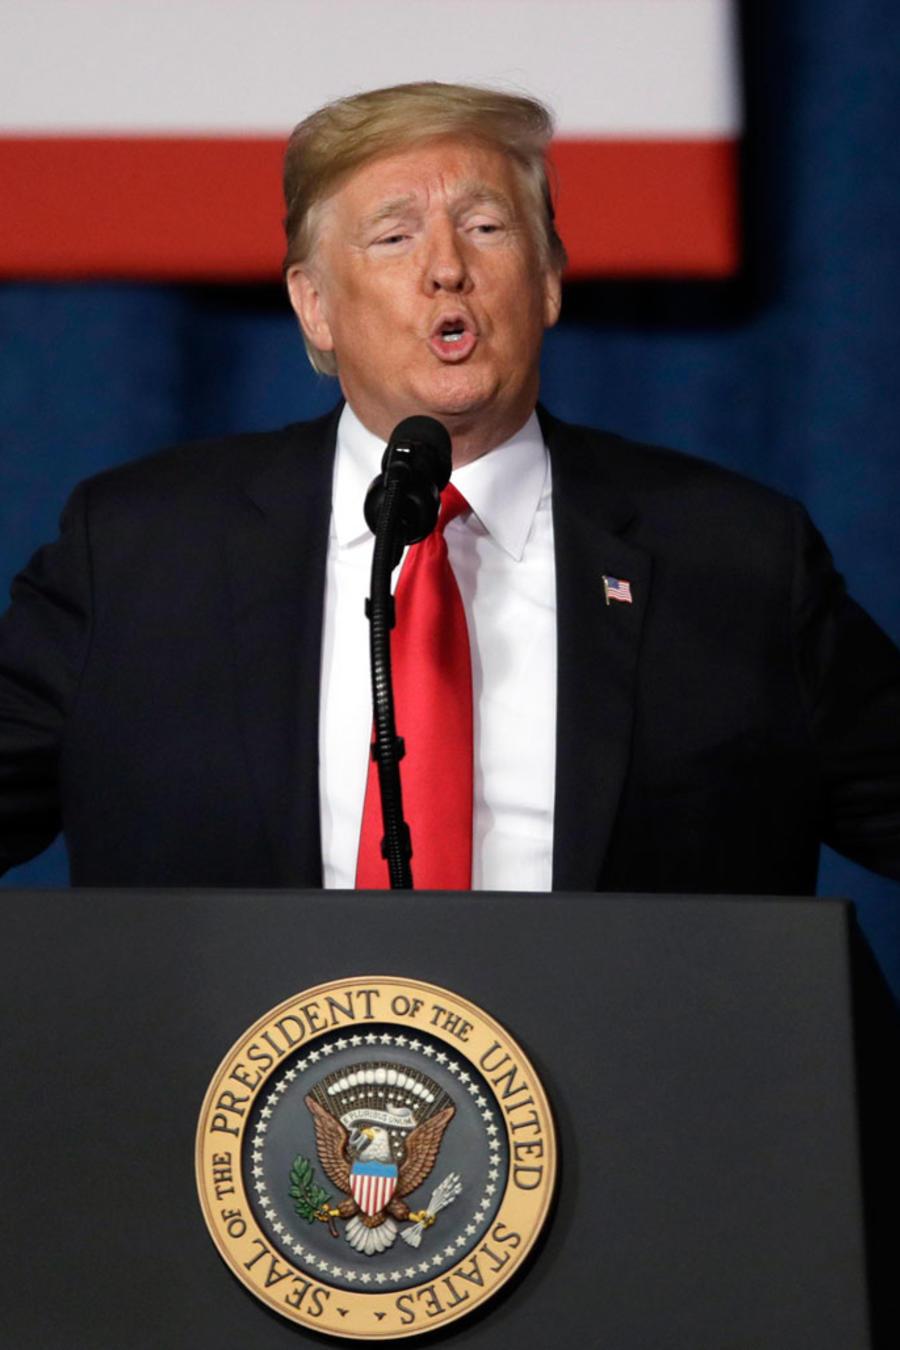 El presidente Trump, durante un acto en Kansas City, Missouri/AP